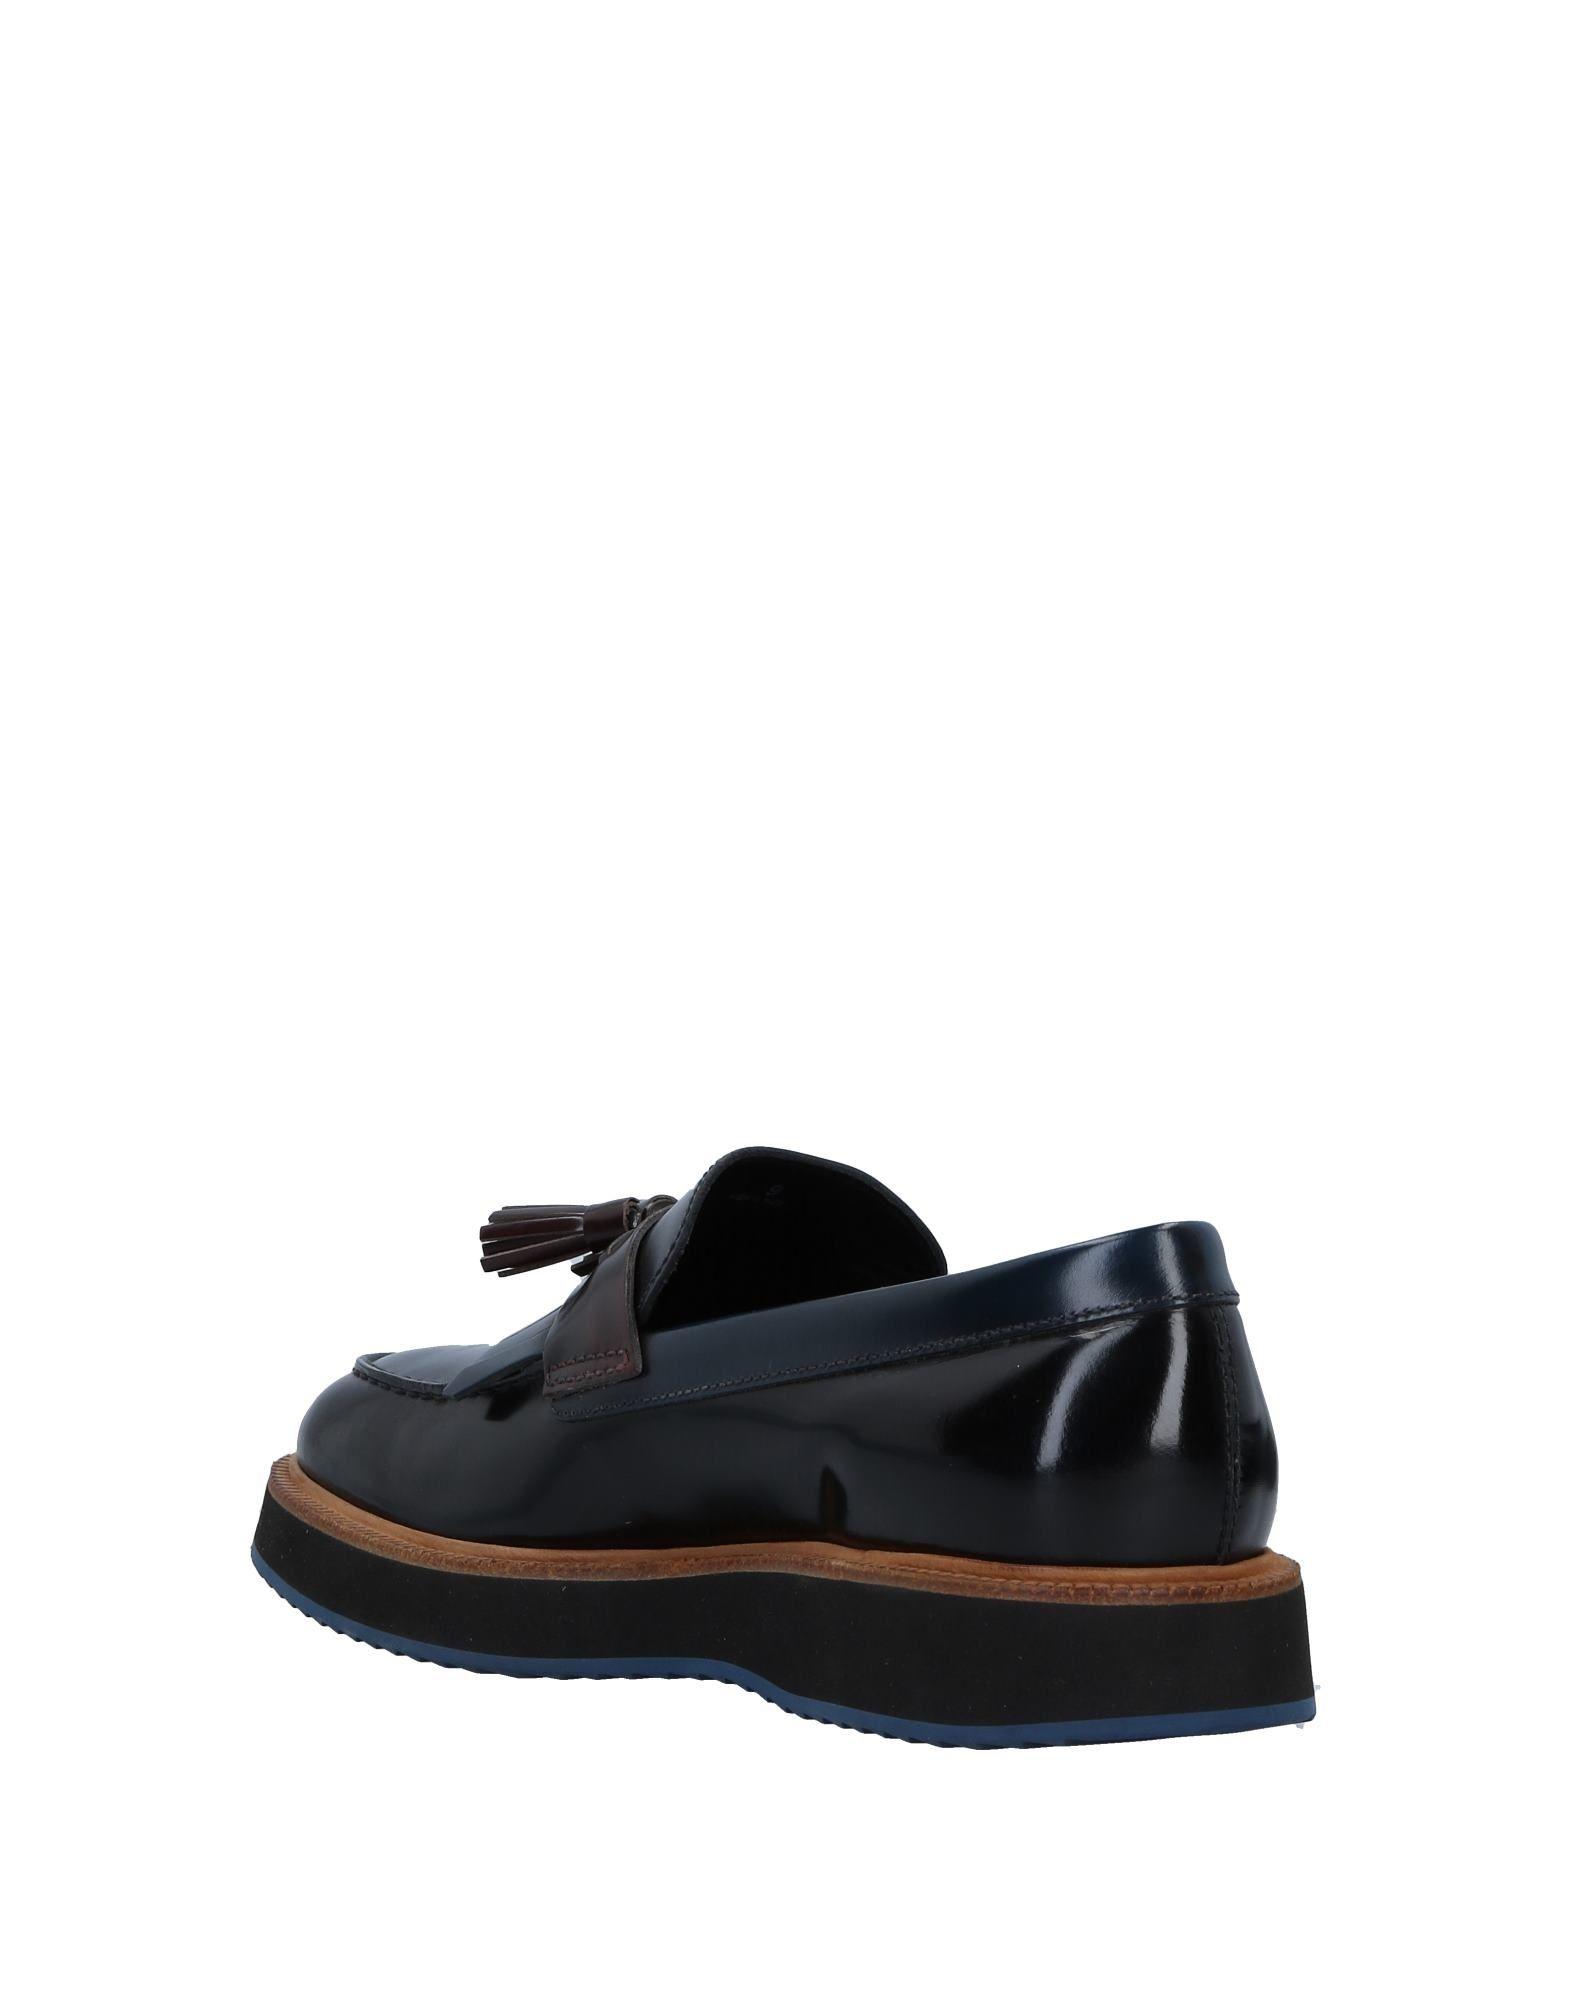 Hogan Mokassins Herren Schuhe  11540686DA Heiße Schuhe Herren 23d336